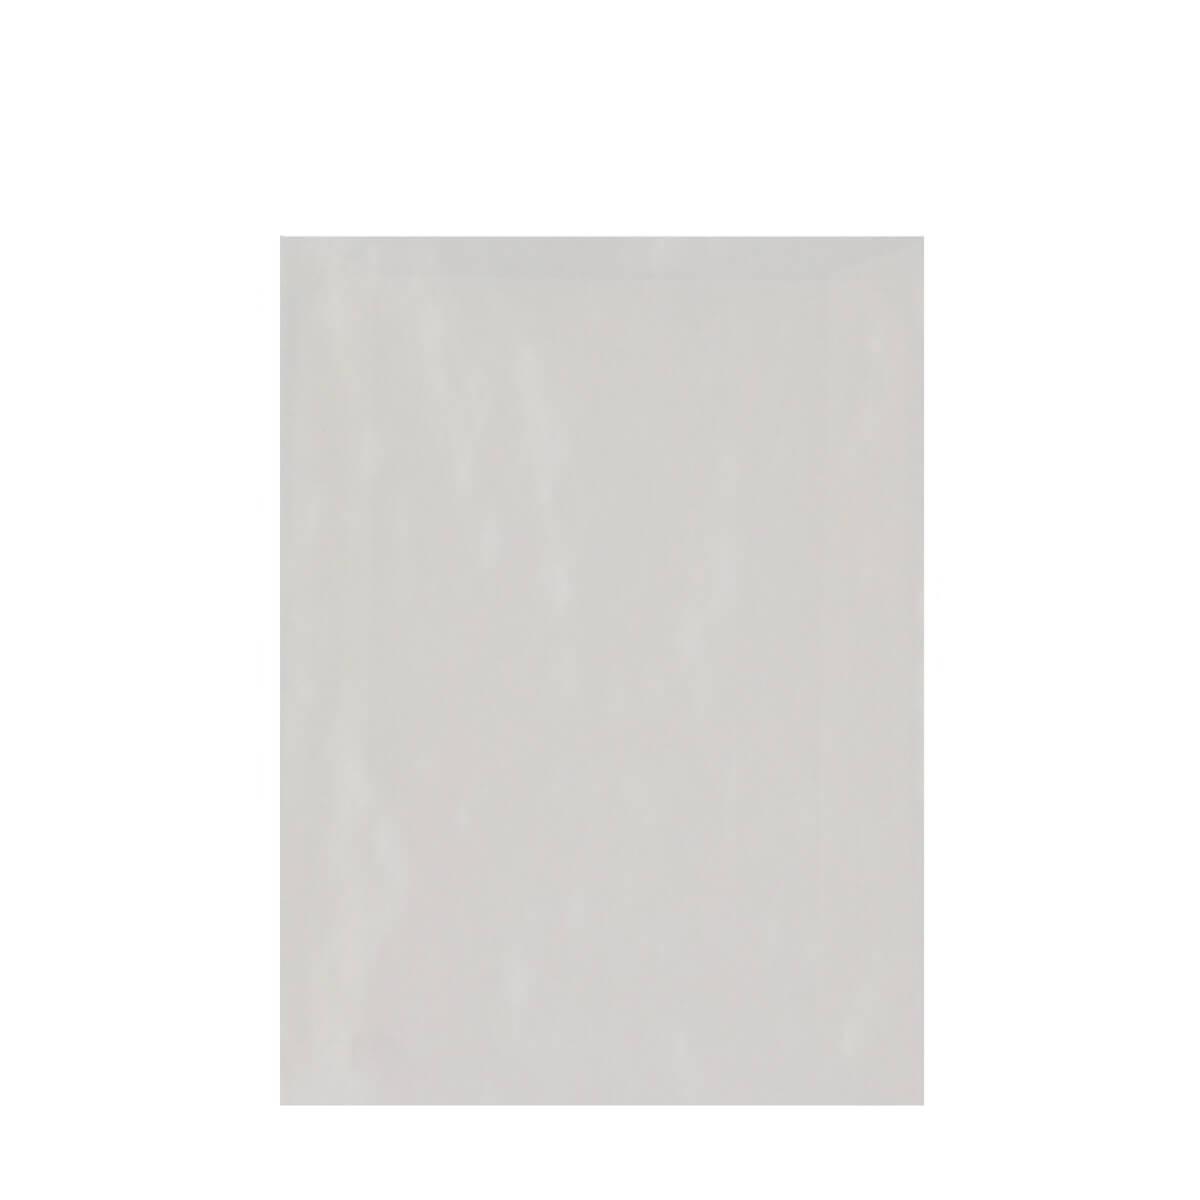 117 x 89 MM GLASSINE ENVELOPES